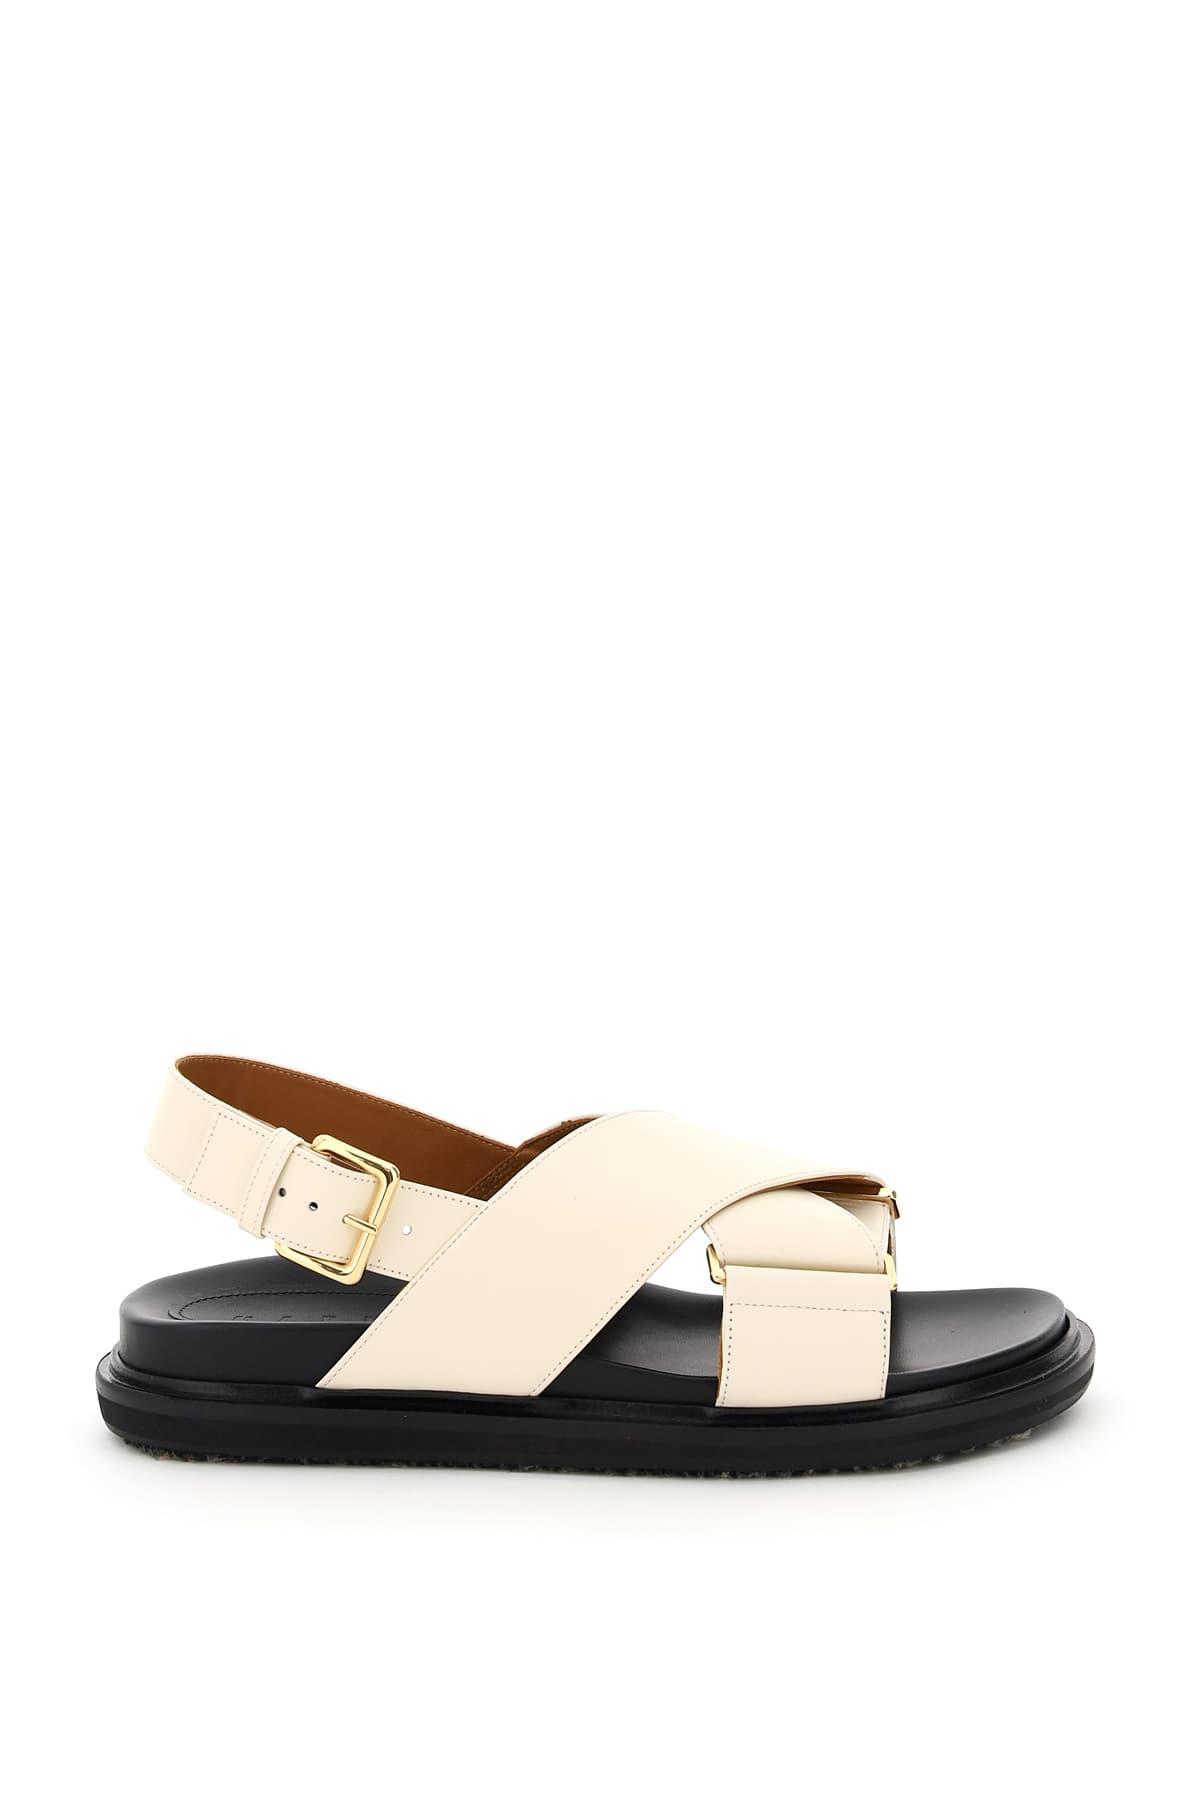 MARNI FUSSBETT CALFSKIN SANDALS 39 White, Beige Leather